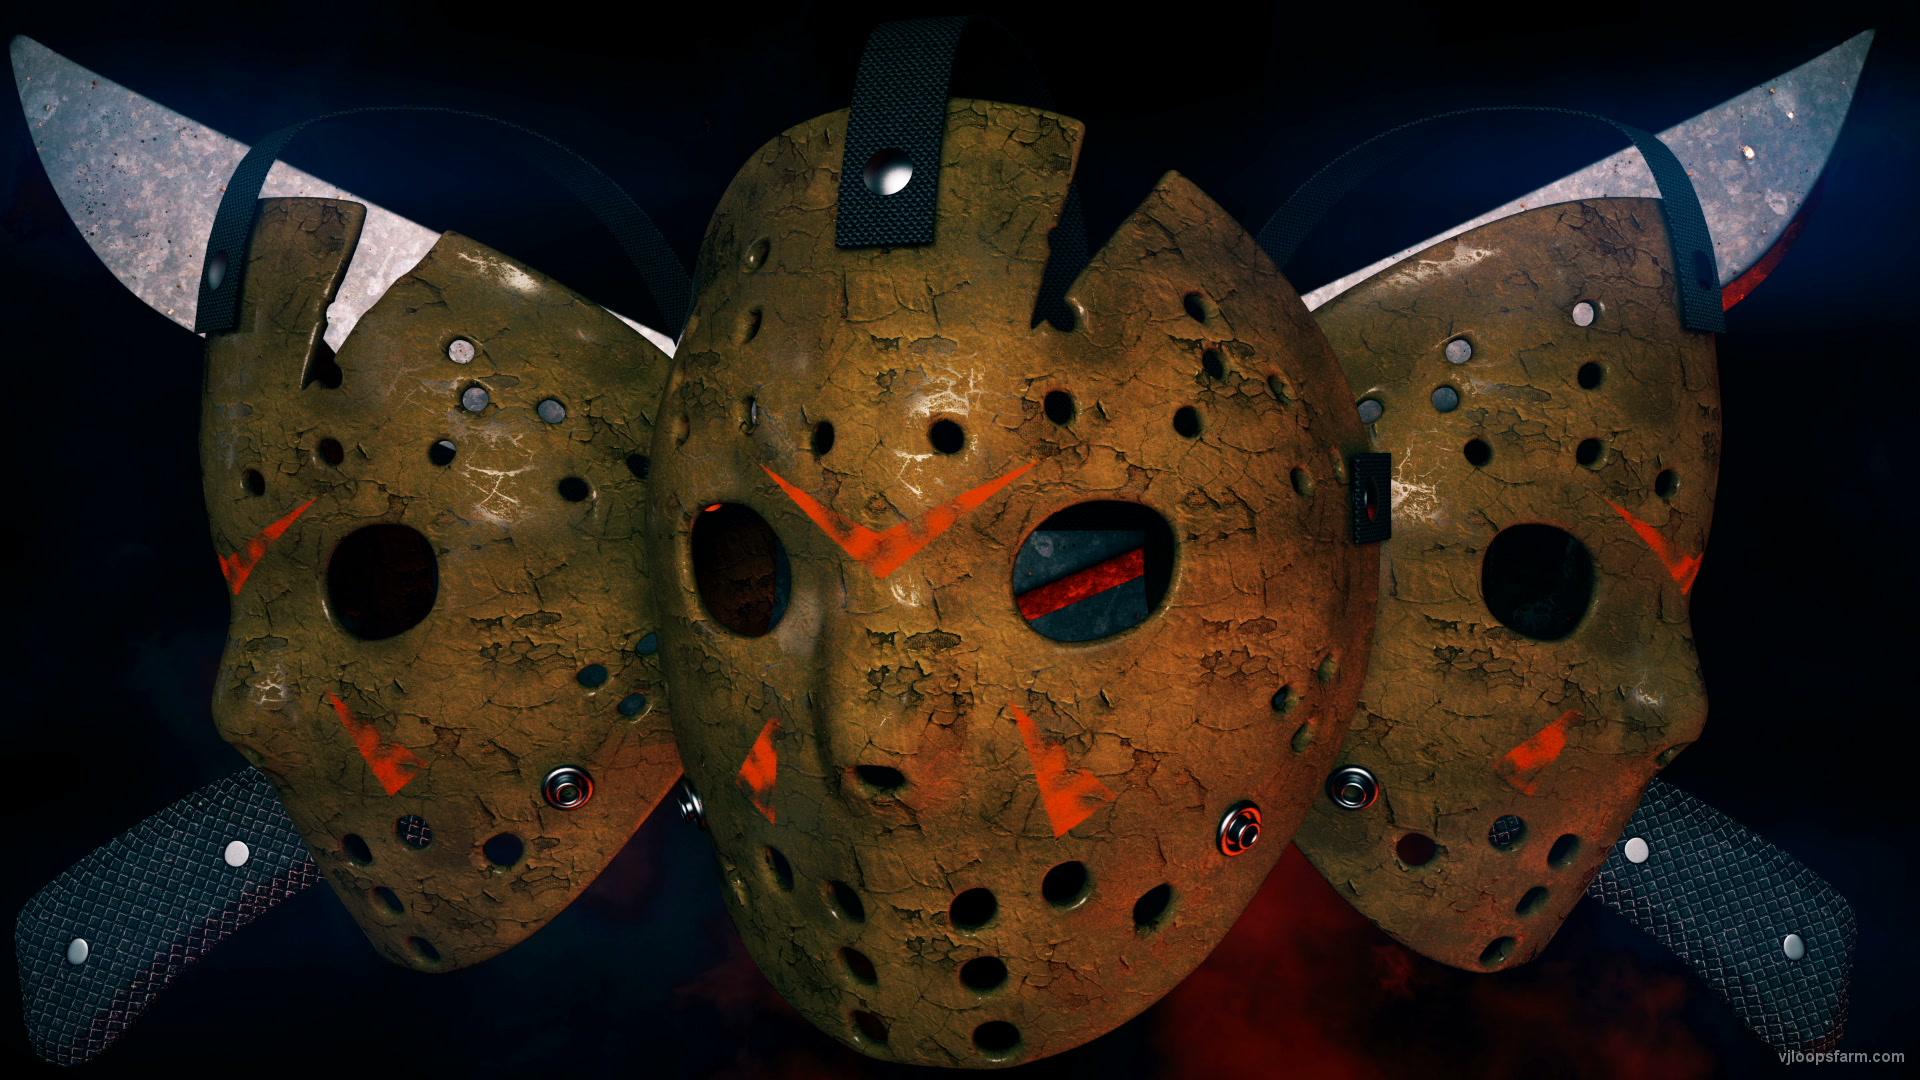 vj video background Jason_Three_Hockey_Masks_Knives_Horror_Movie_Killer_Willain_Full_HD_VJ_Loop_003